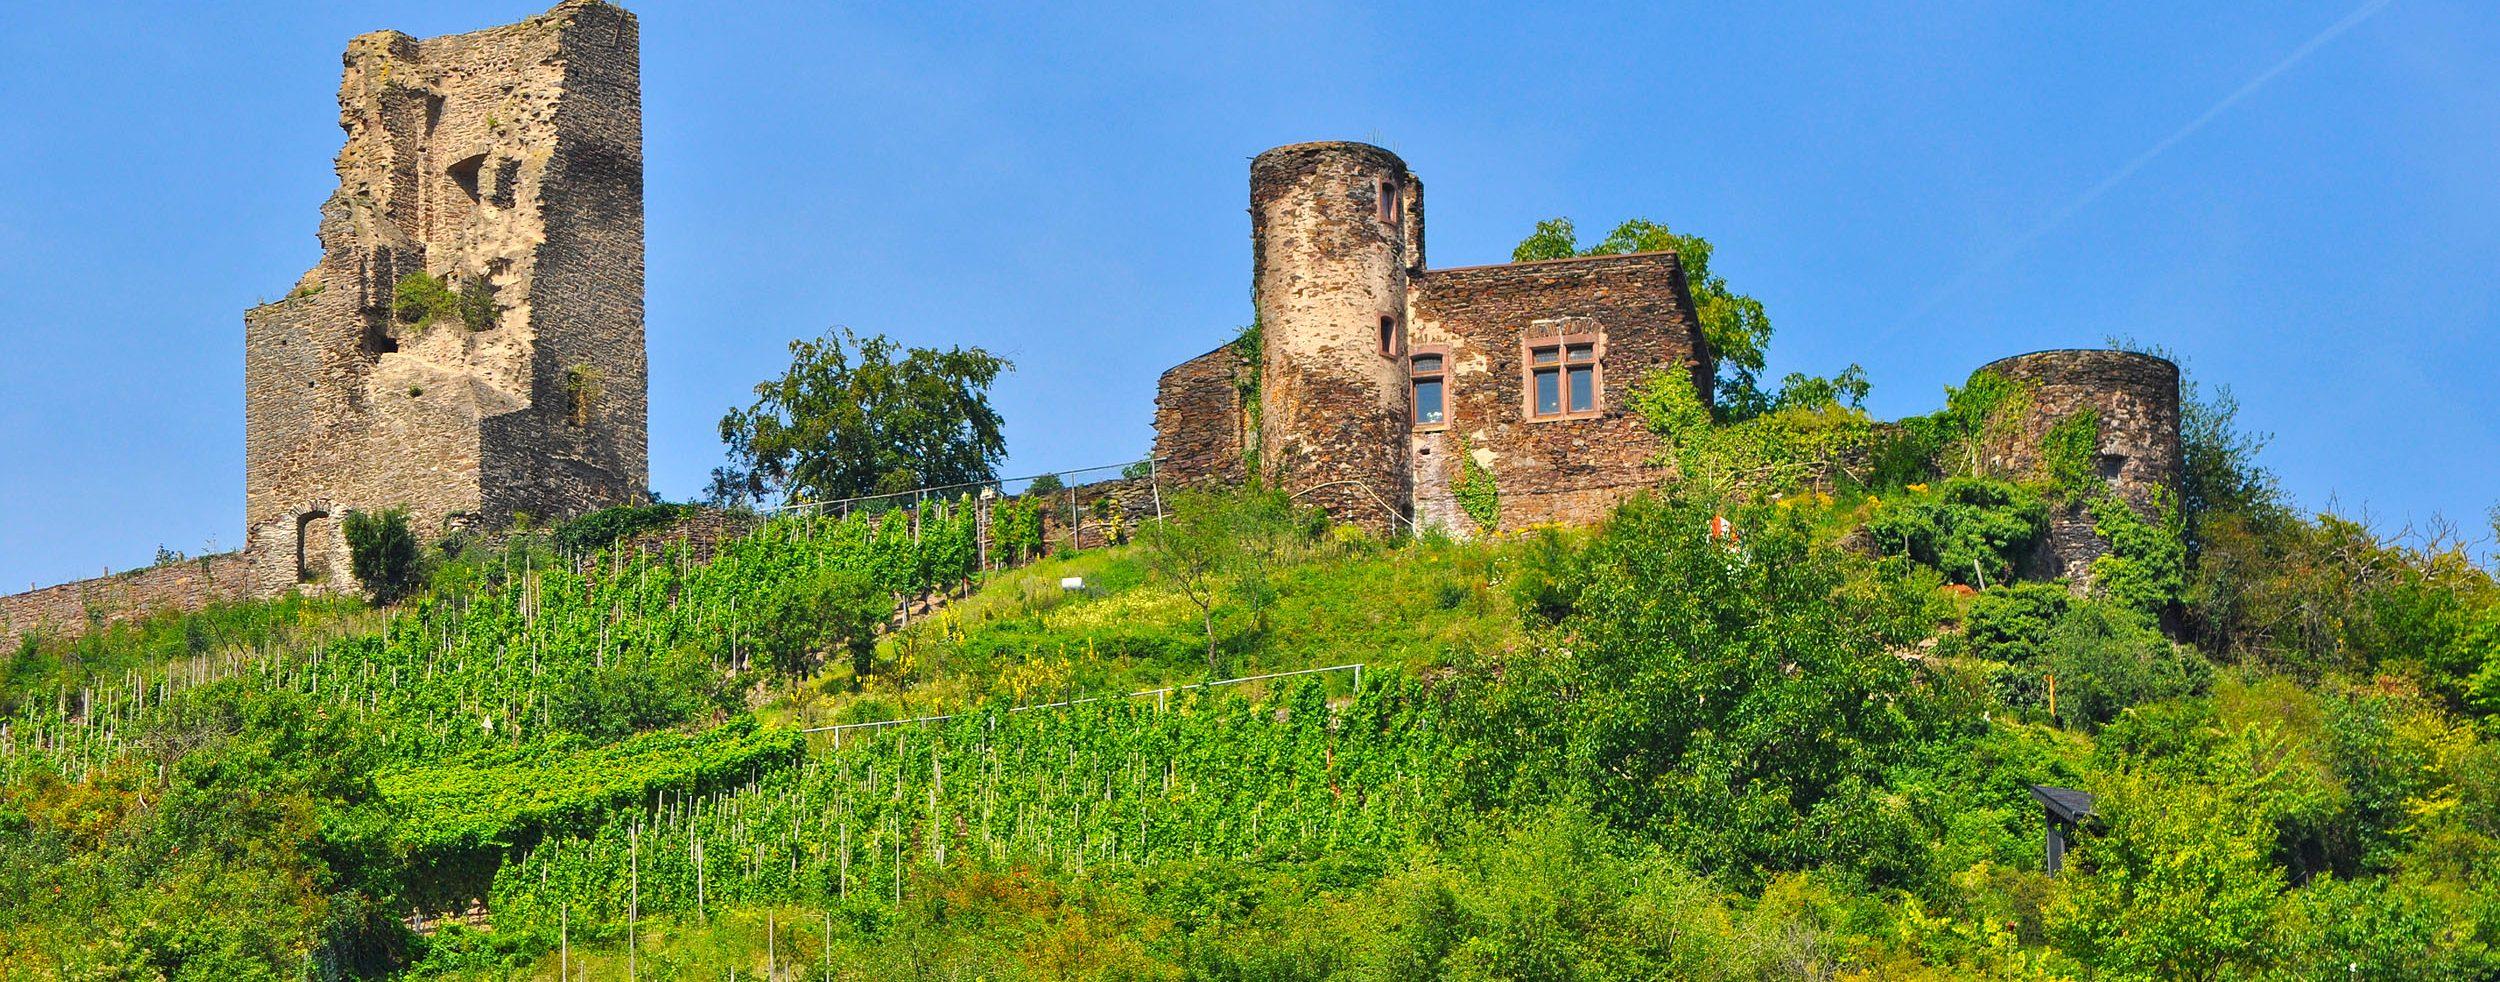 Ruine der Burg Coraidelstein